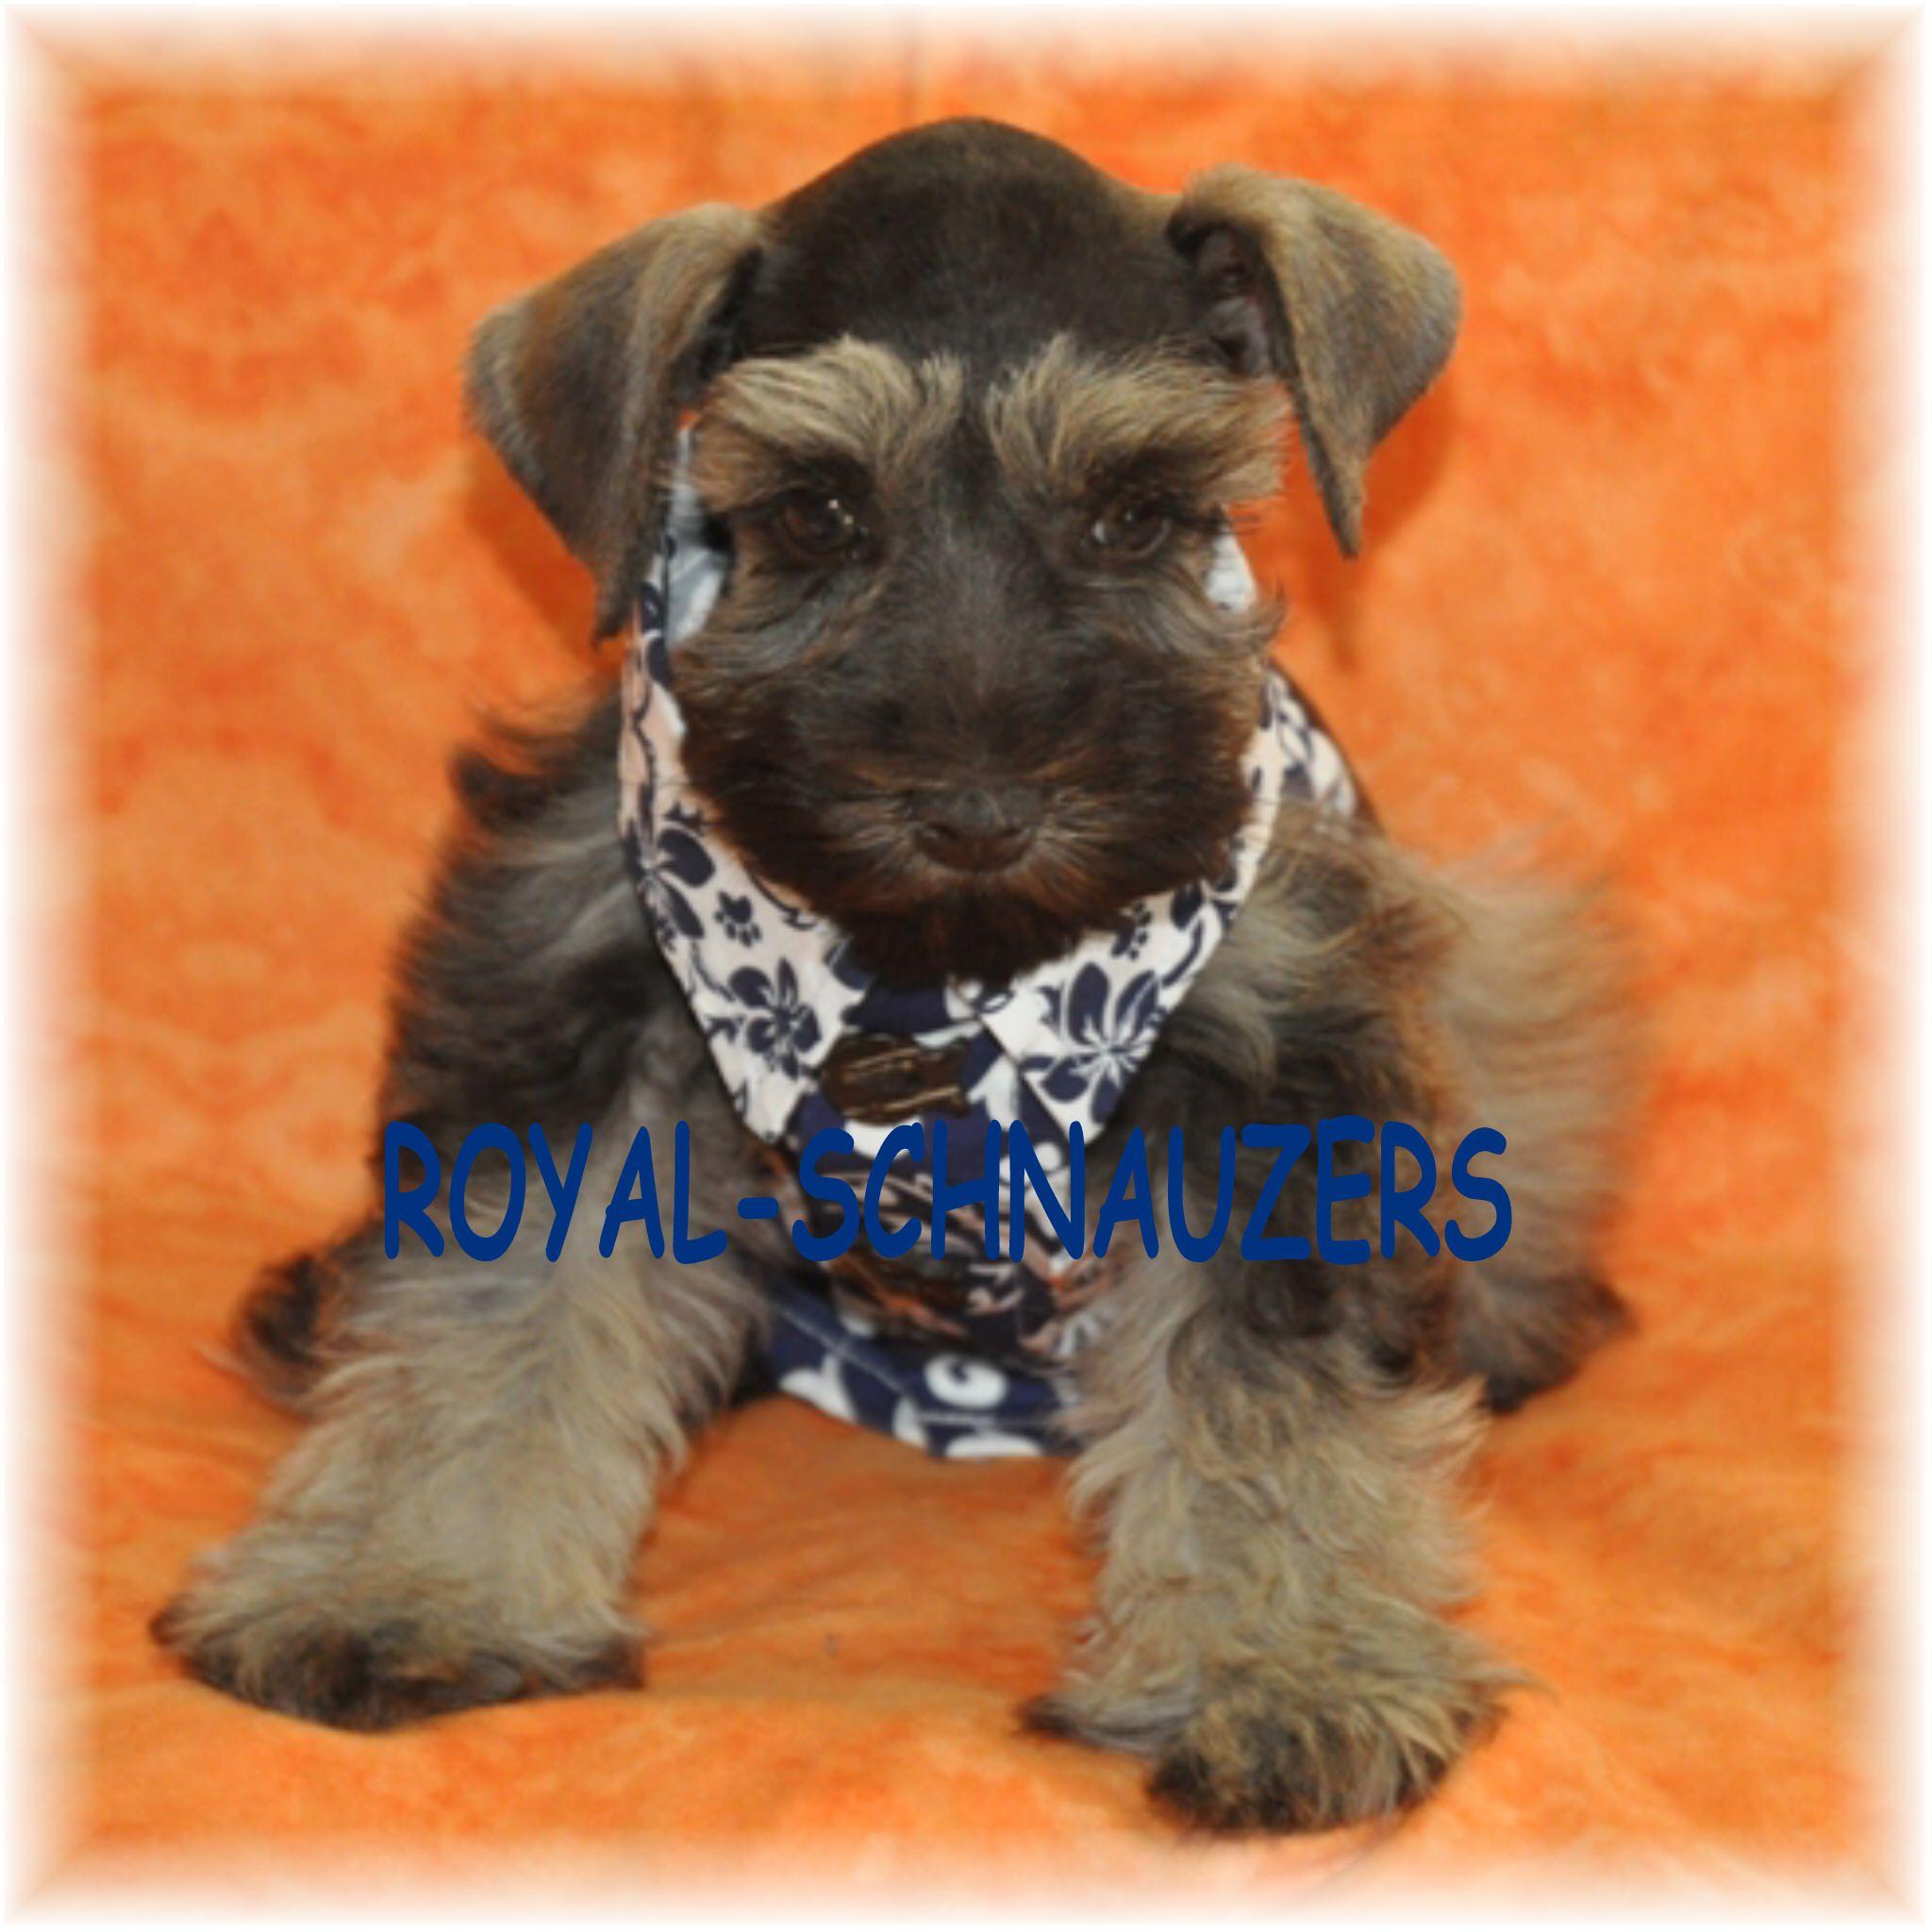 Liver Pepper Baby Schnauzer Schnauzer Puppy Puppies Miniature Schnauzer Black